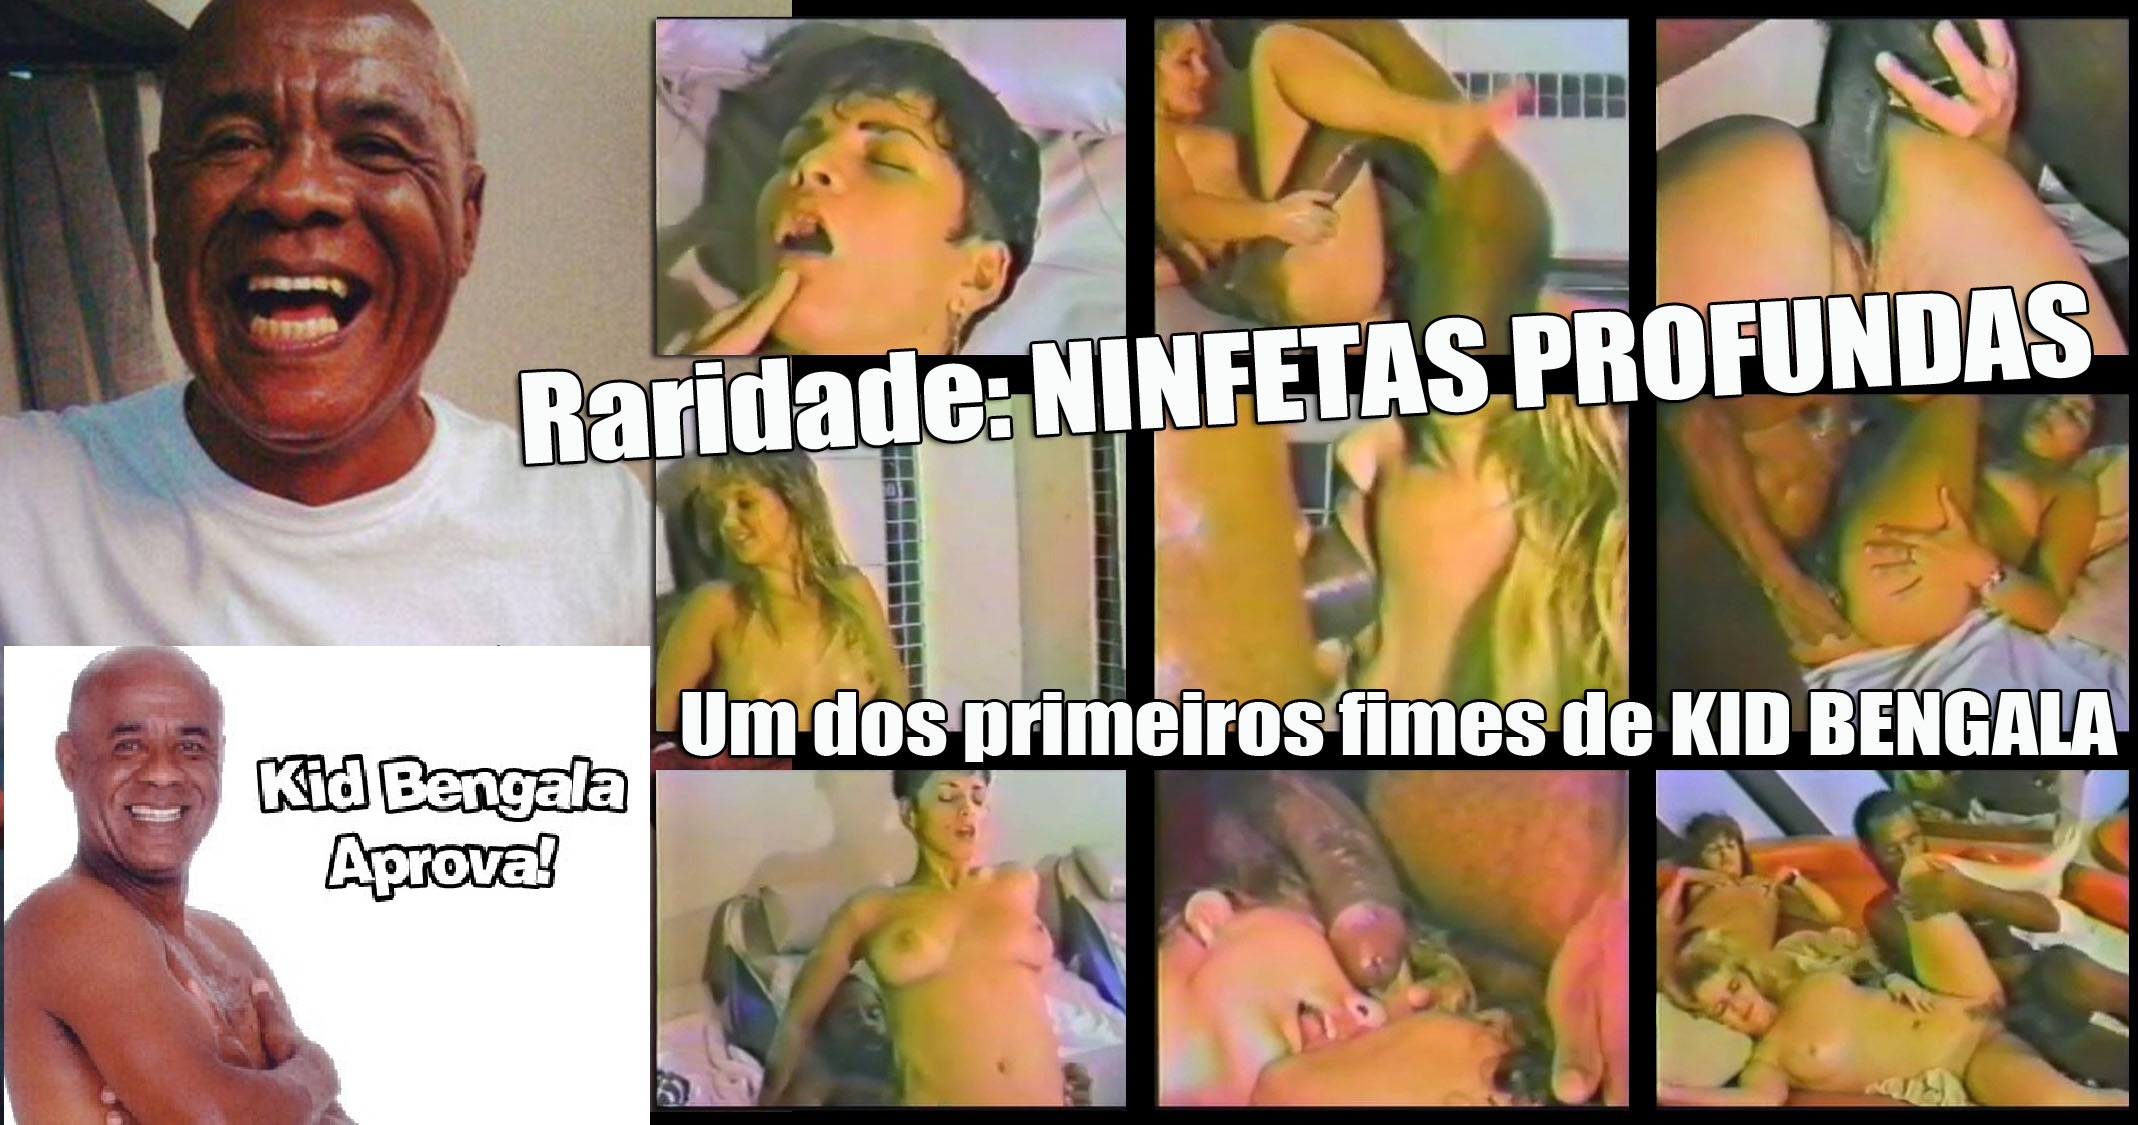 baixar Kid Bengala em Ninfetas Profundas (RARIDADE) - Um dos primeiros filmes de KID BENGALA download